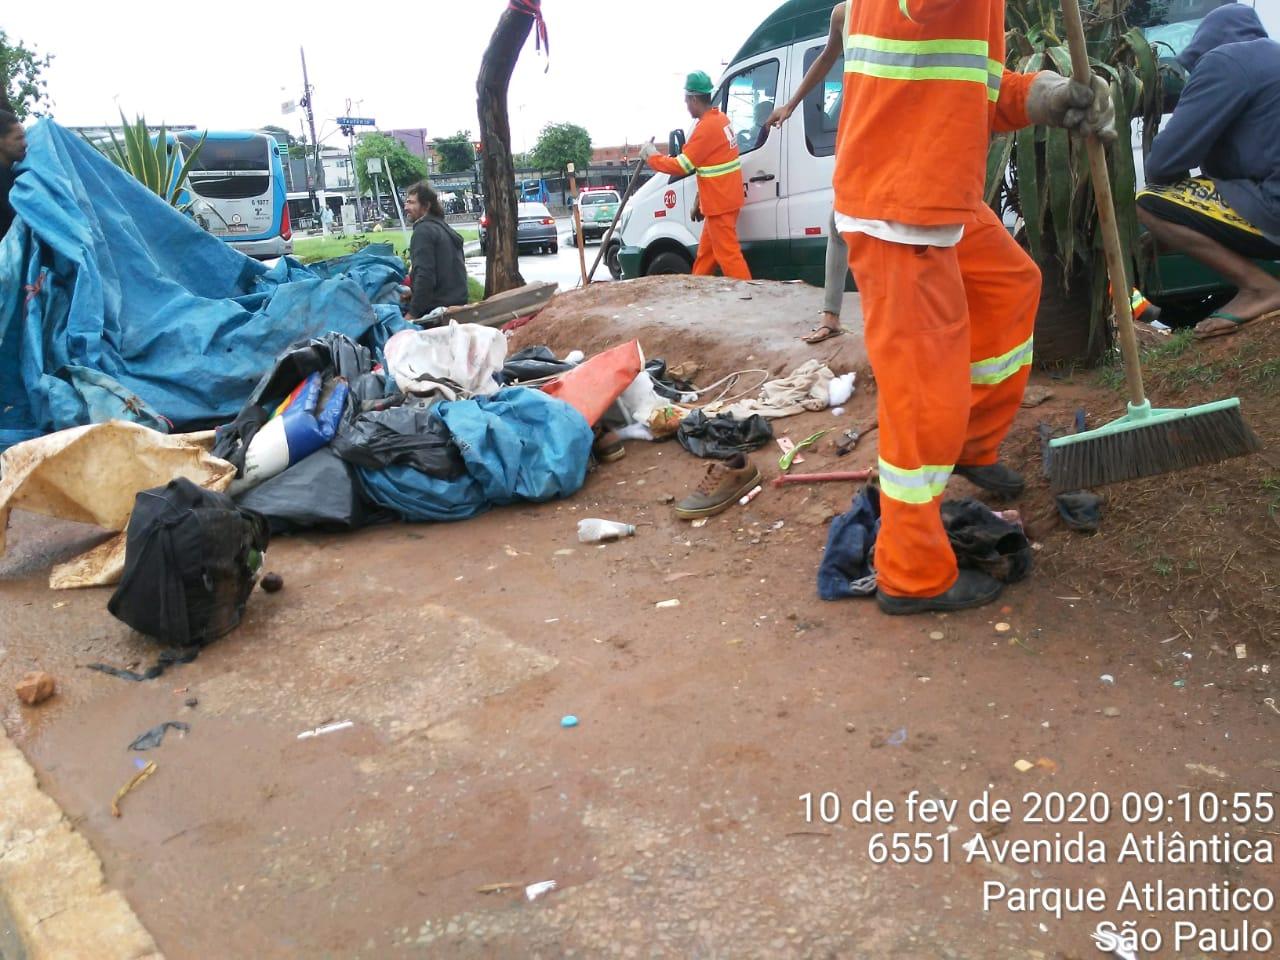 #PraCegoVer - Trabalhadores da Subprefeitura reúnem pedaços de lona e limpam local invadido por moradores de rua.